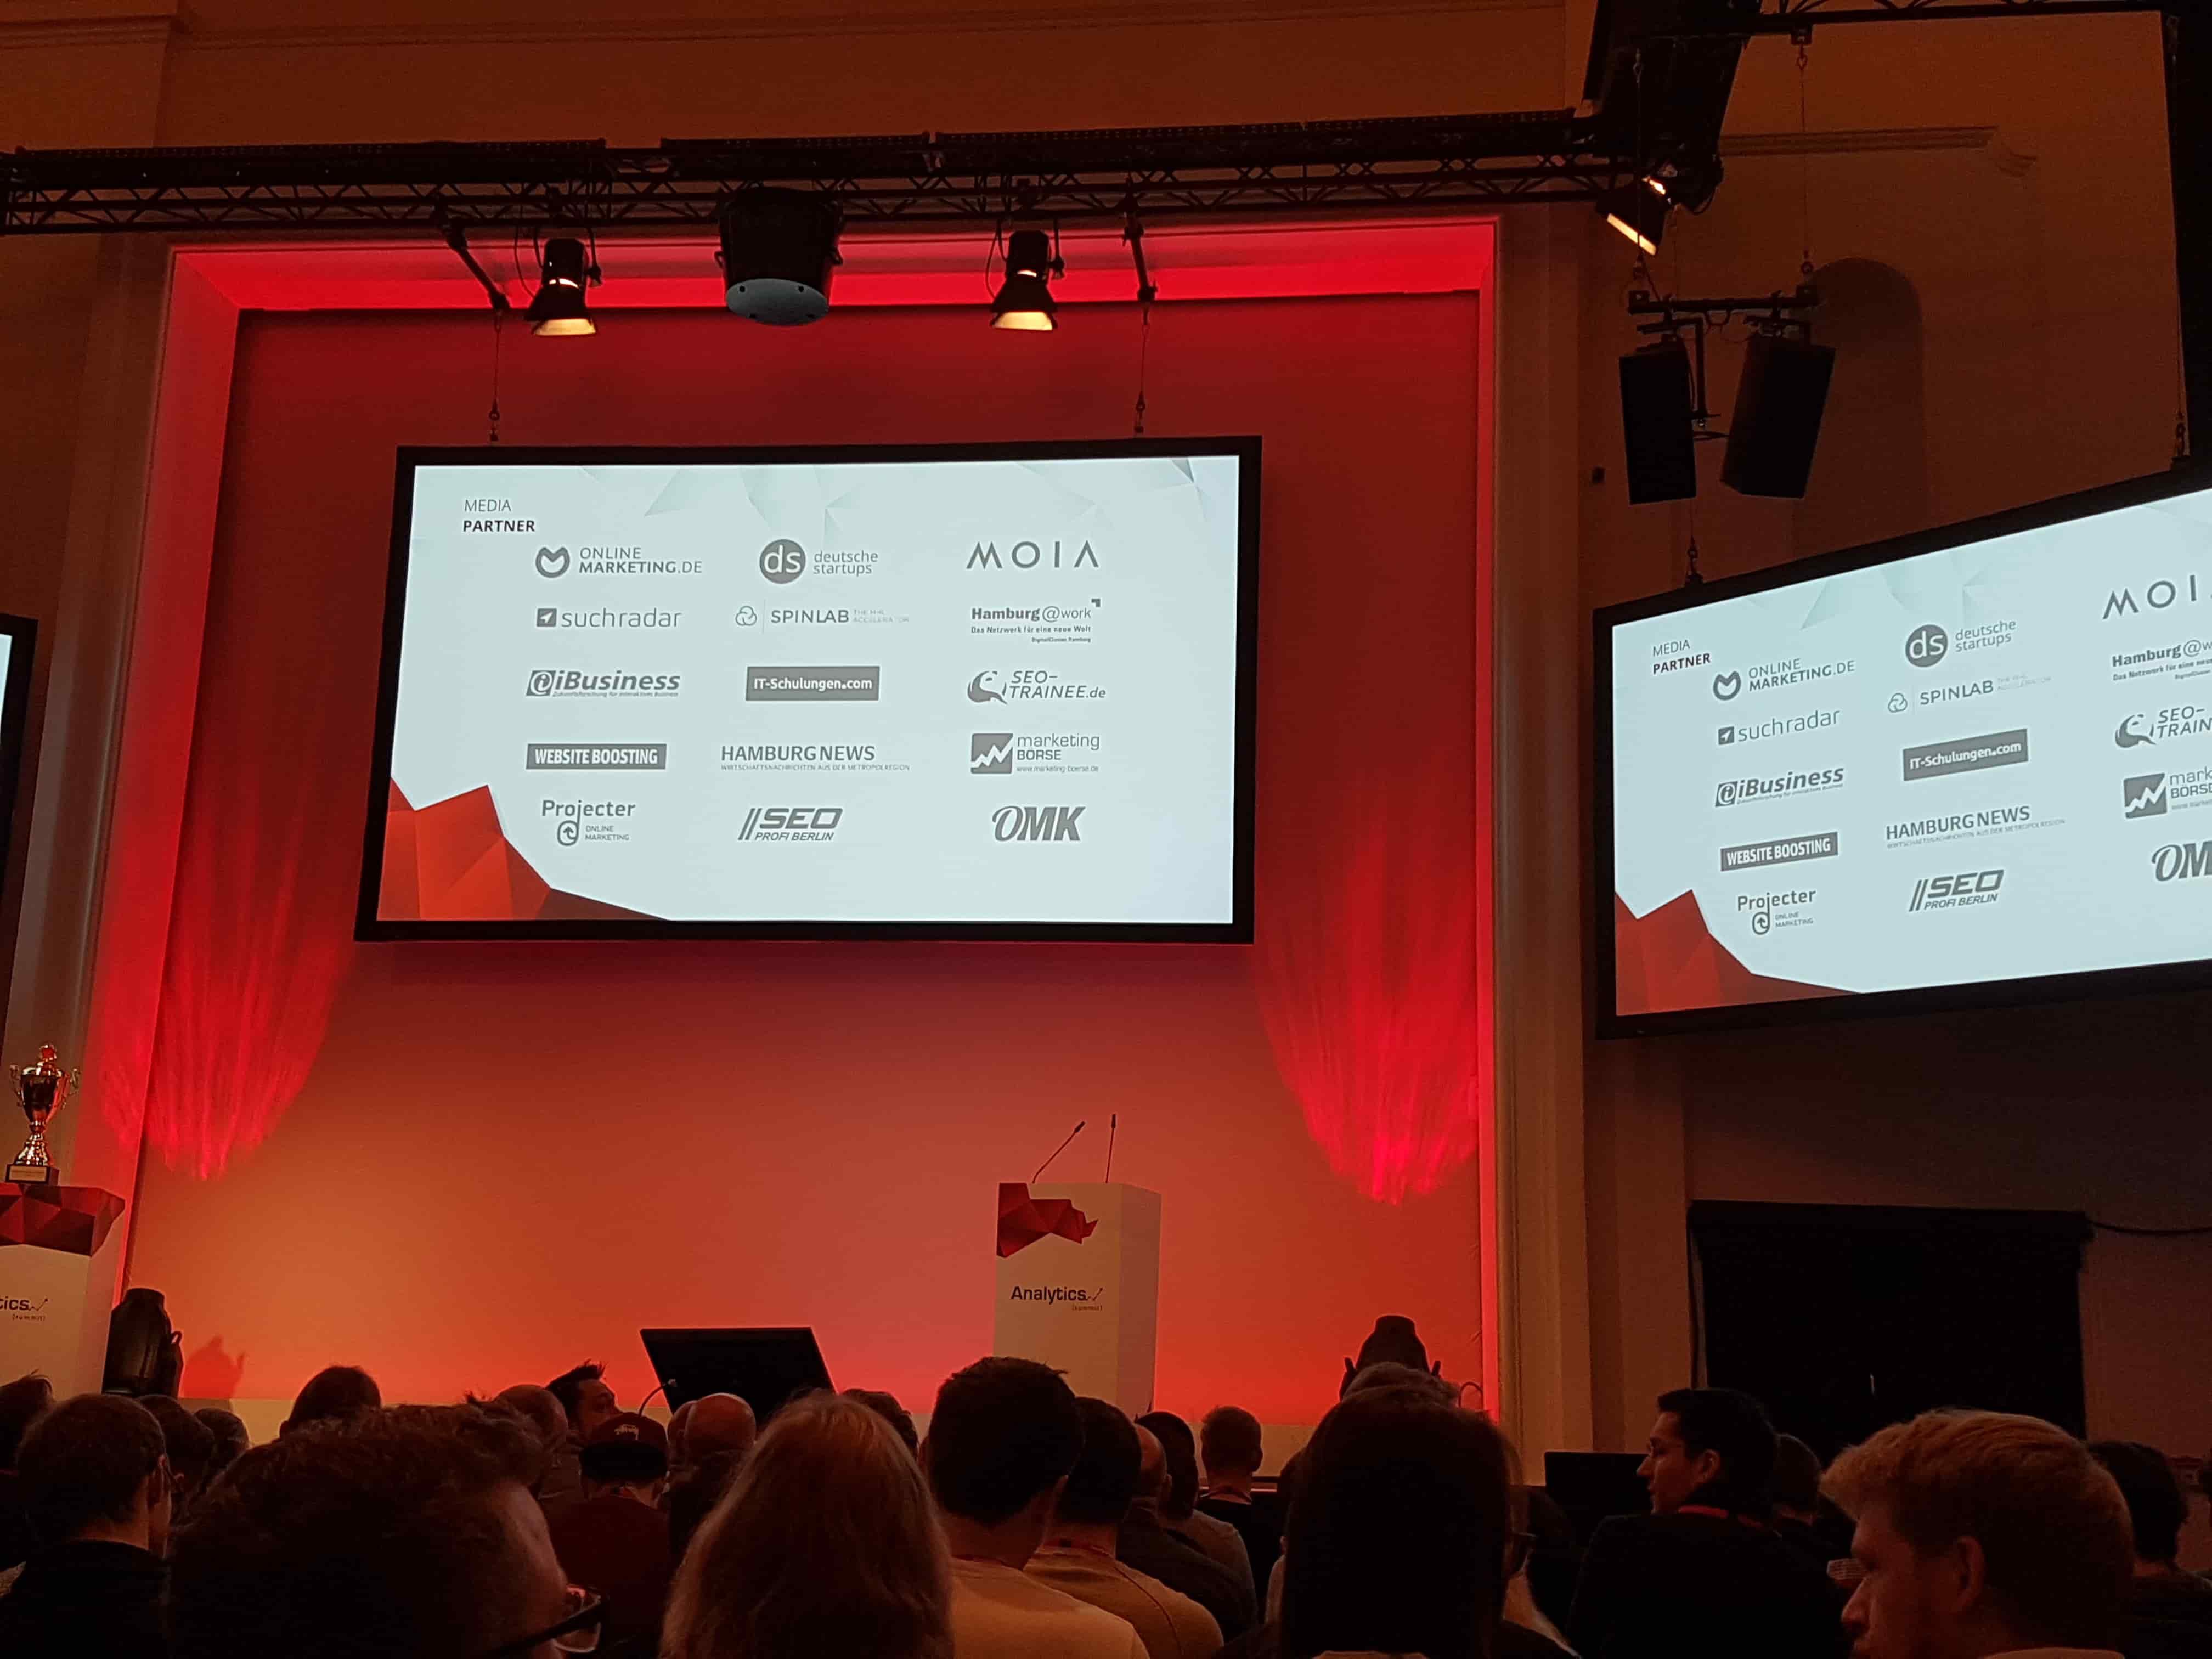 SEO-Trainee.de ist Medienpartner des Analytic Summits 2019.